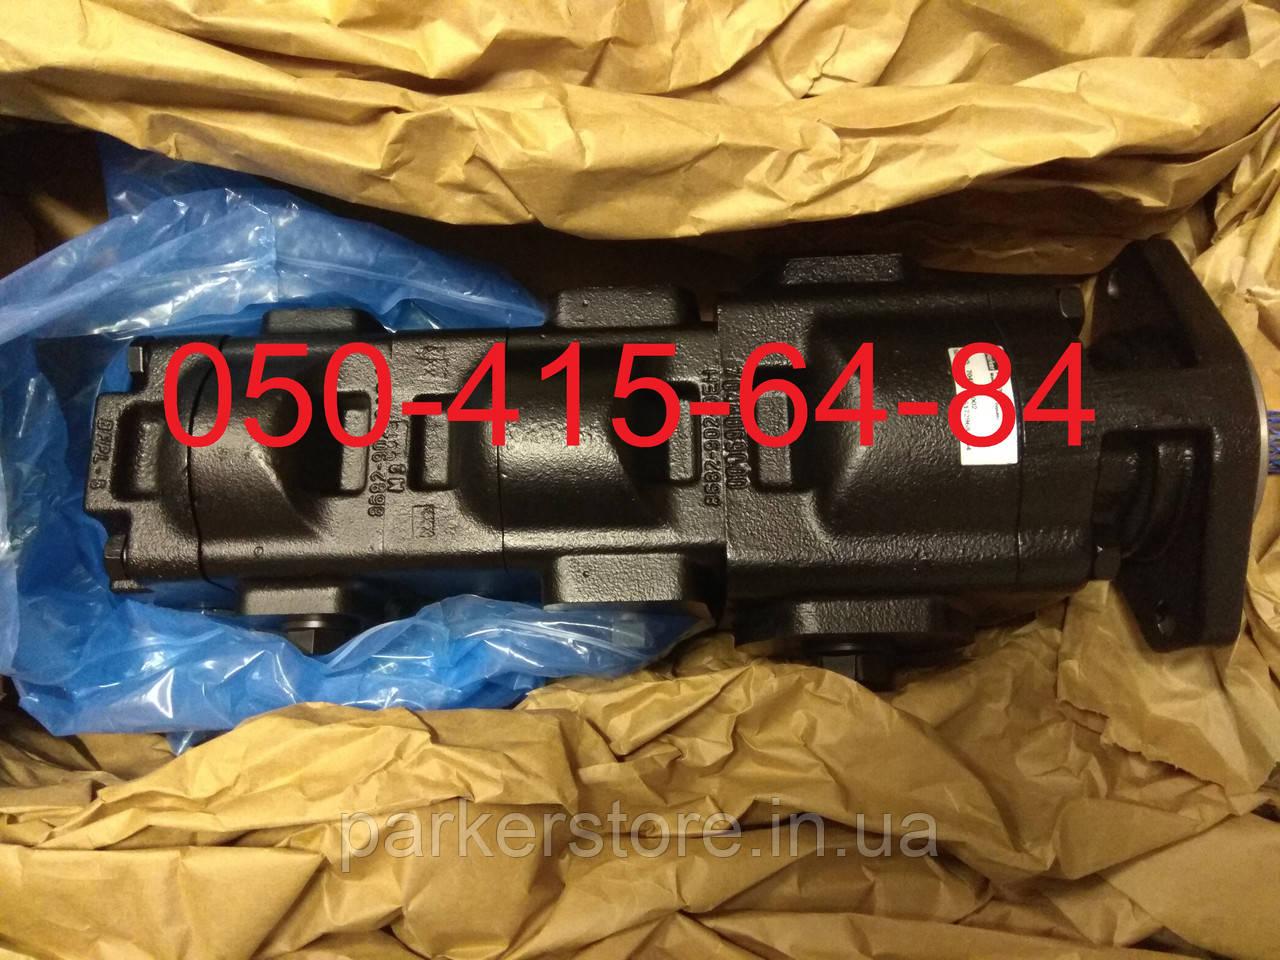 Продам гидравлический насос Atlas Copco 3222323209